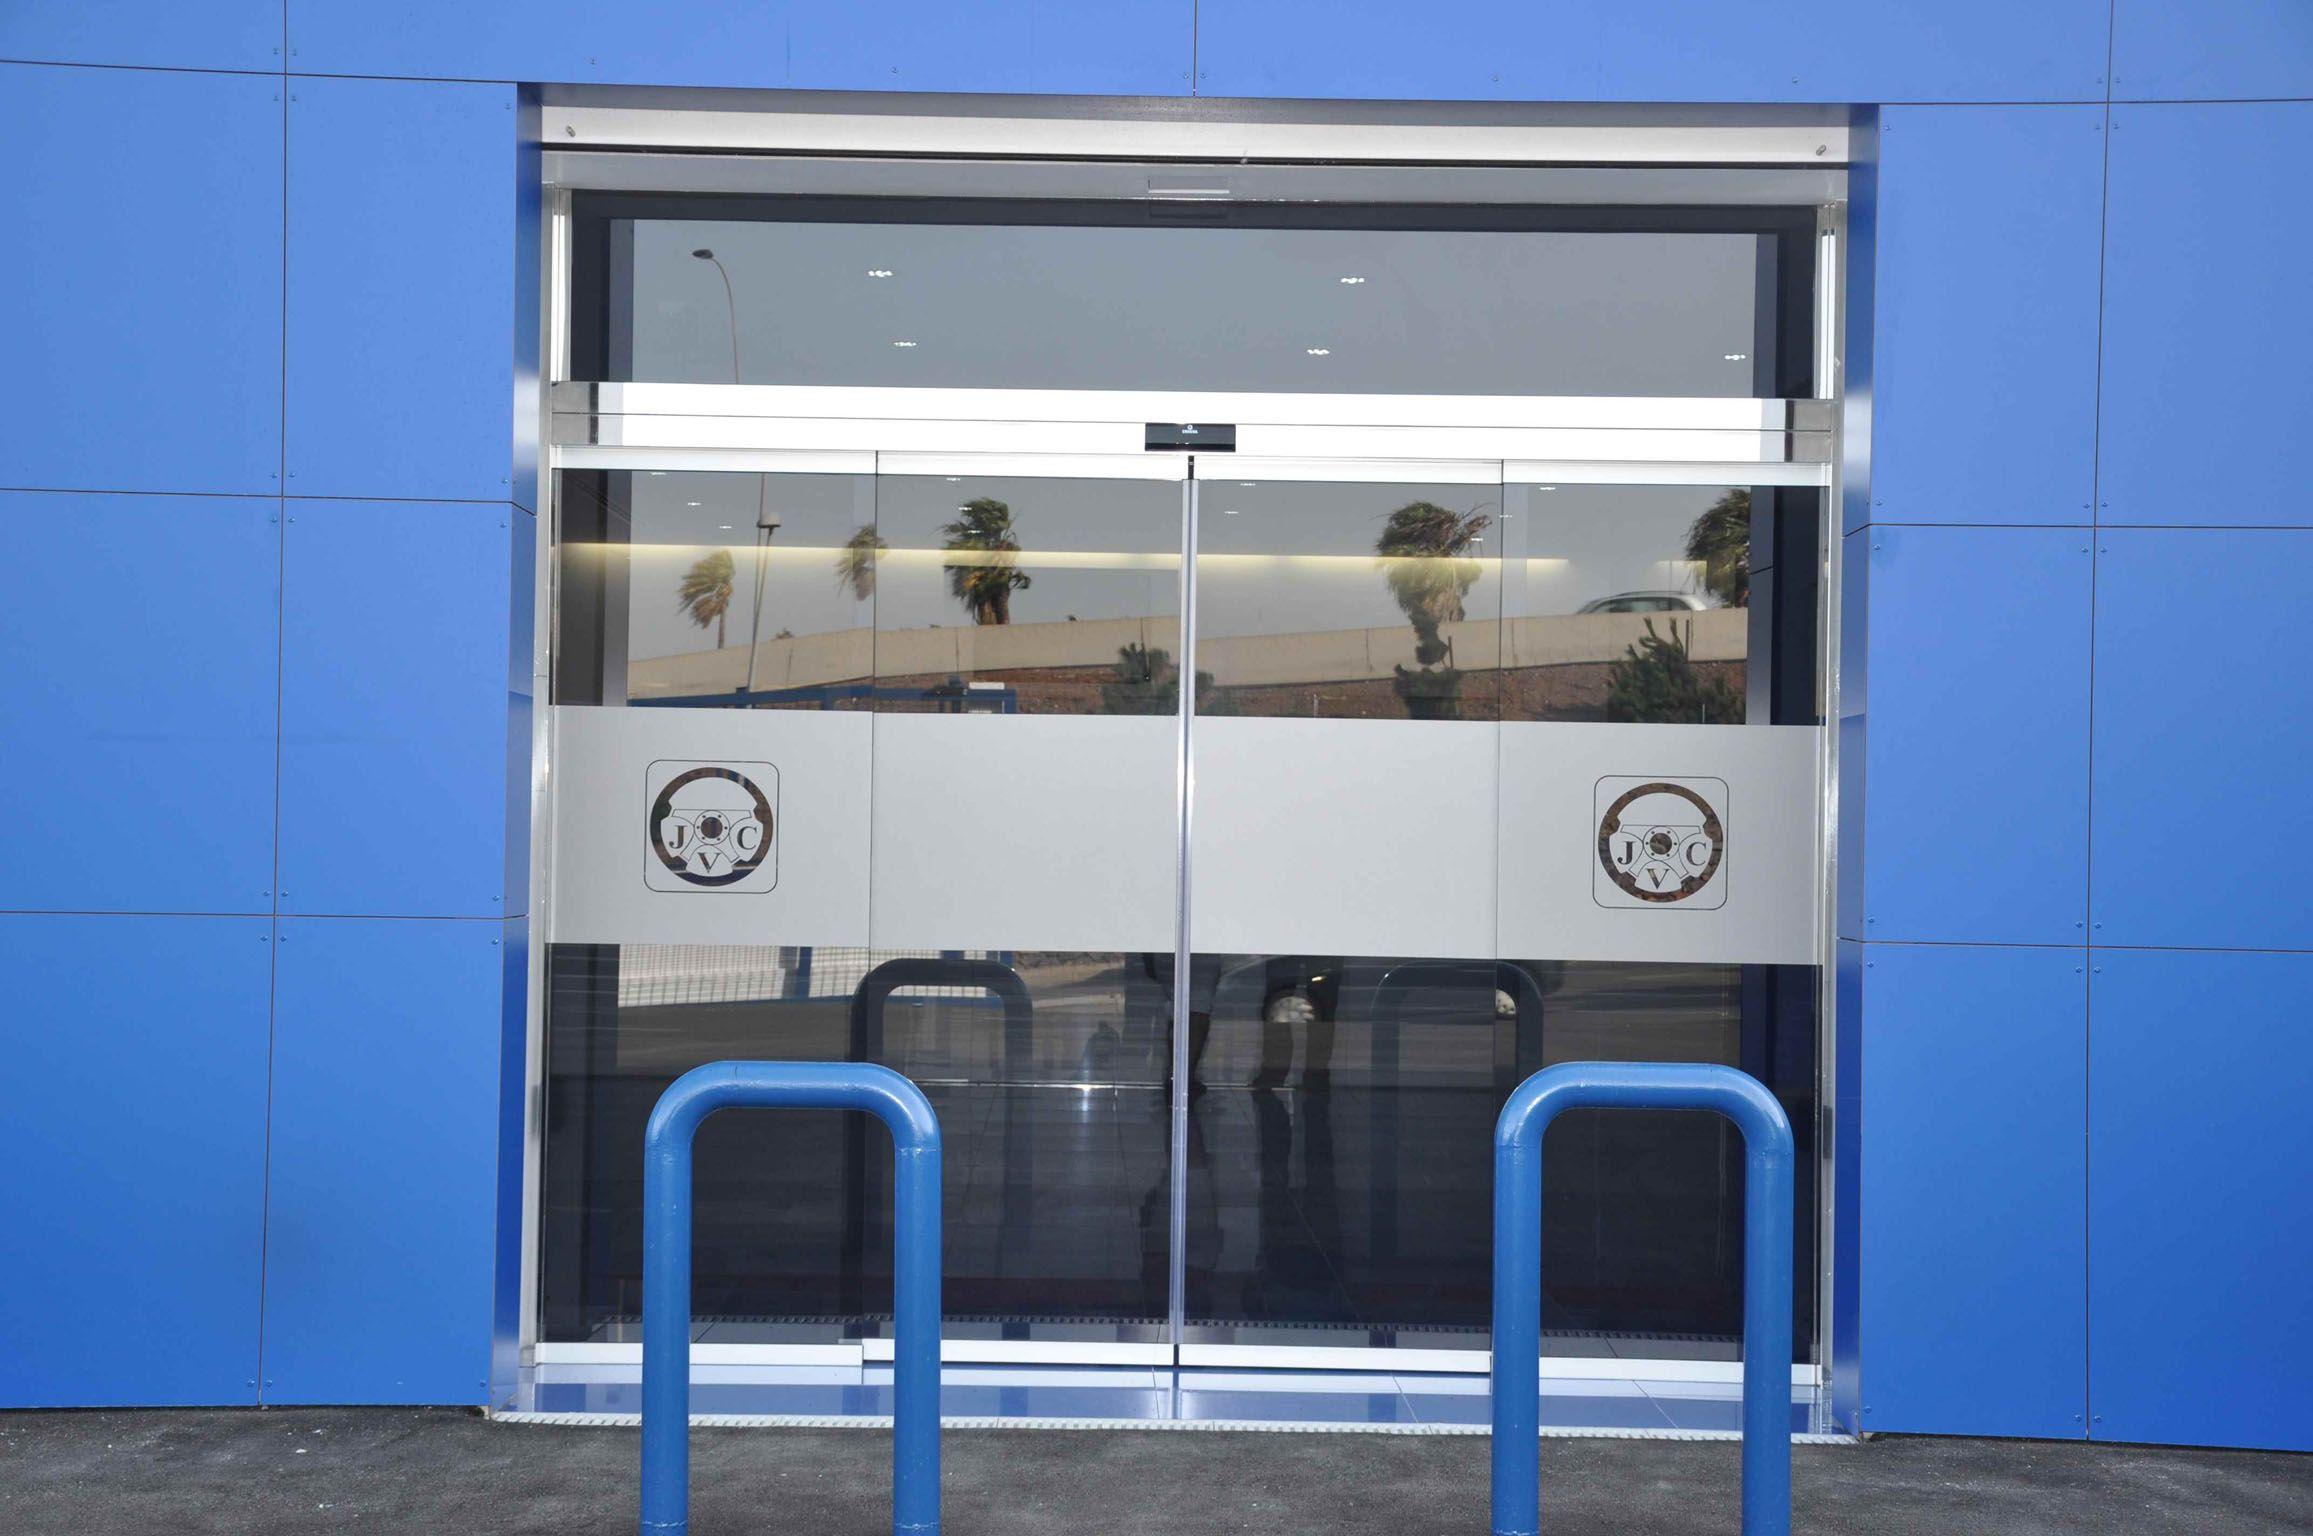 Puerta automática en cristal templado y acero inoxidable. Tenerife